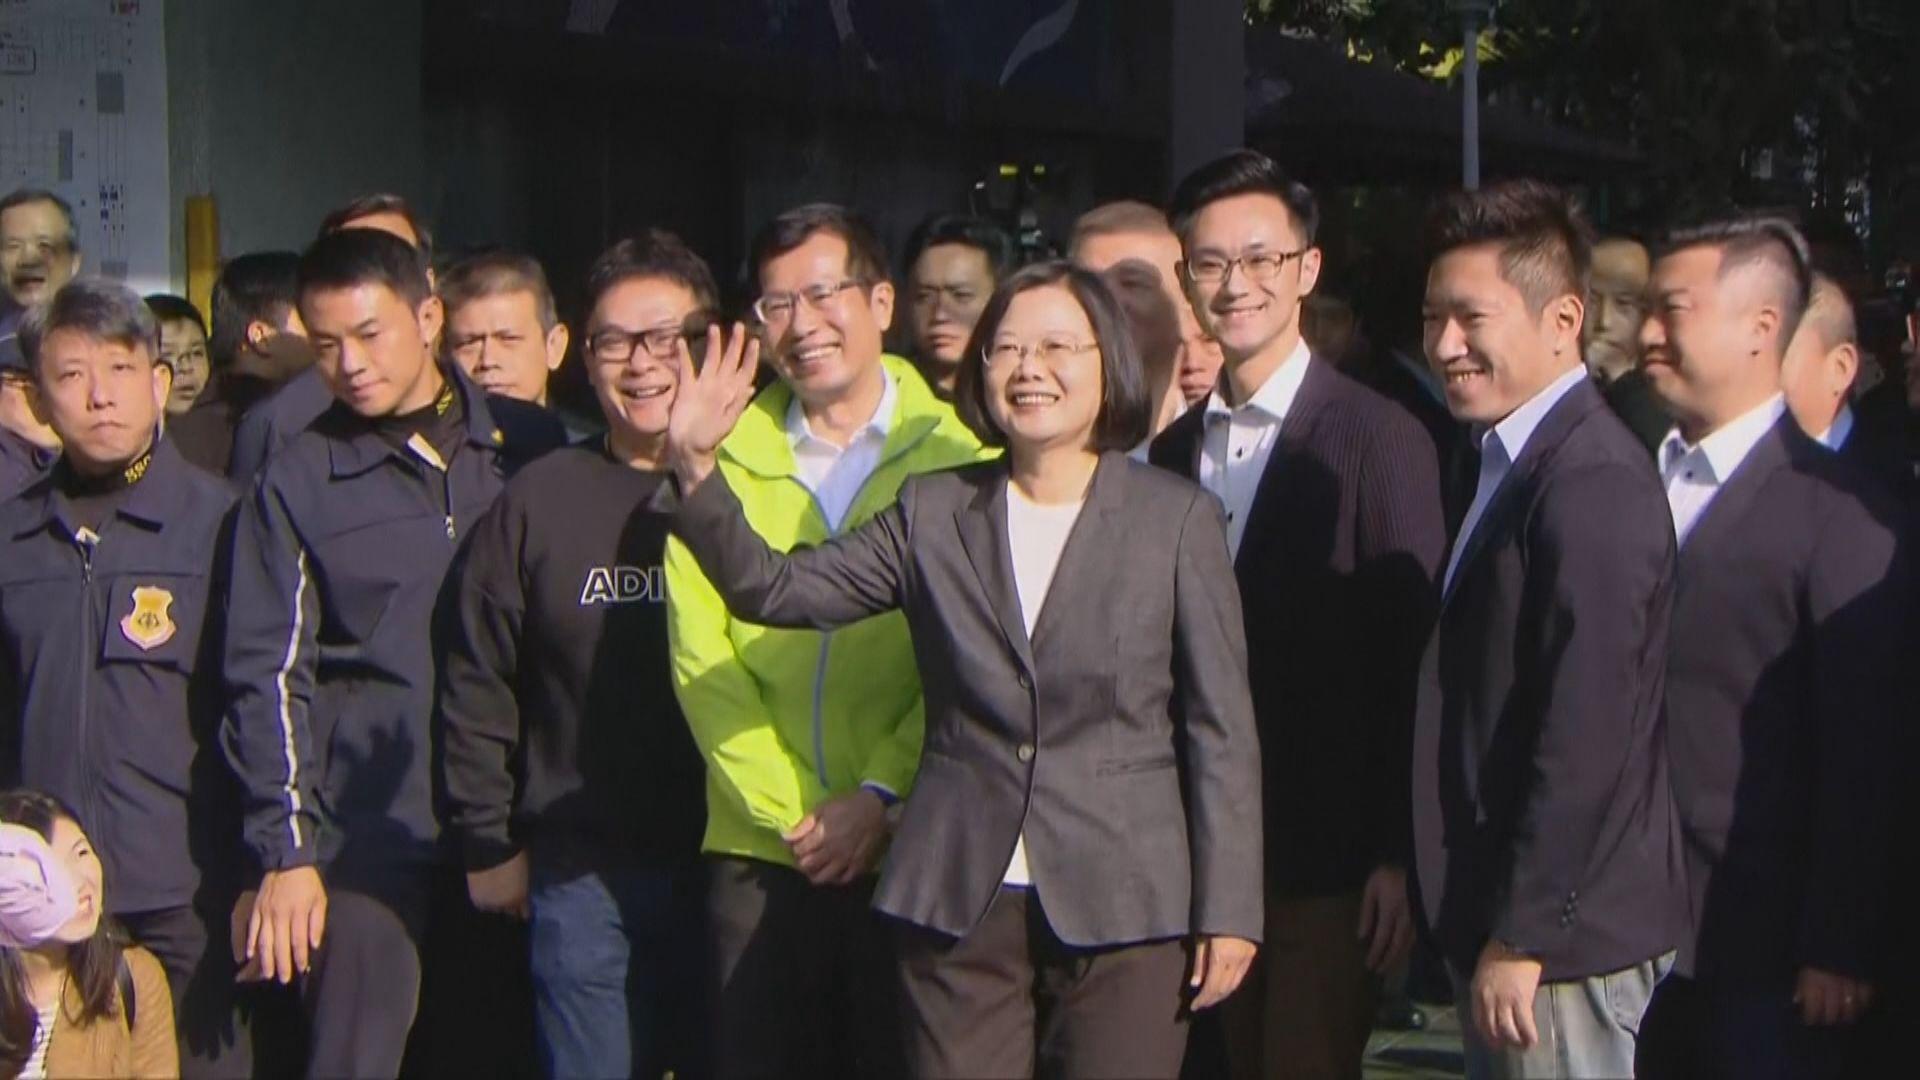 【台灣大選】蔡英文、韓國瑜、宋楚瑜分別到所屬票站排隊投票